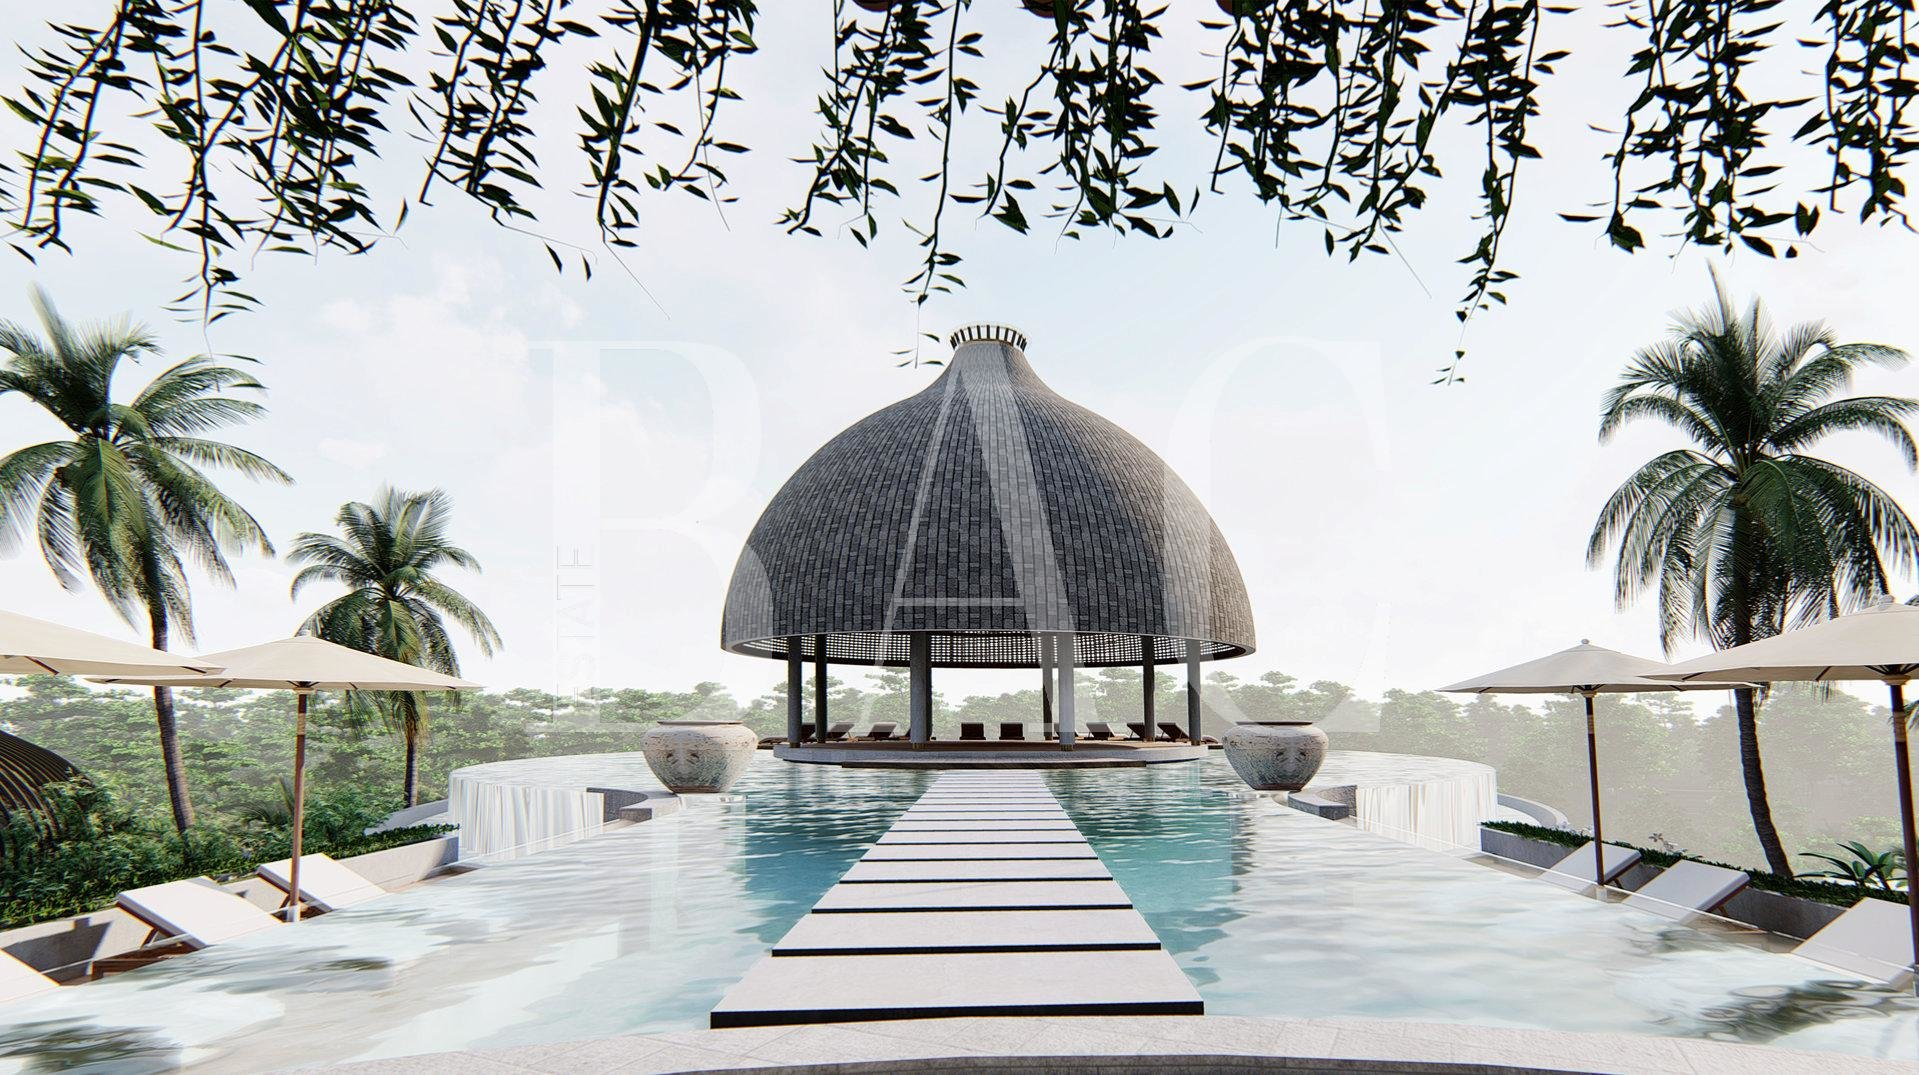 豪华别墅,位于巴厘岛丛林中心。